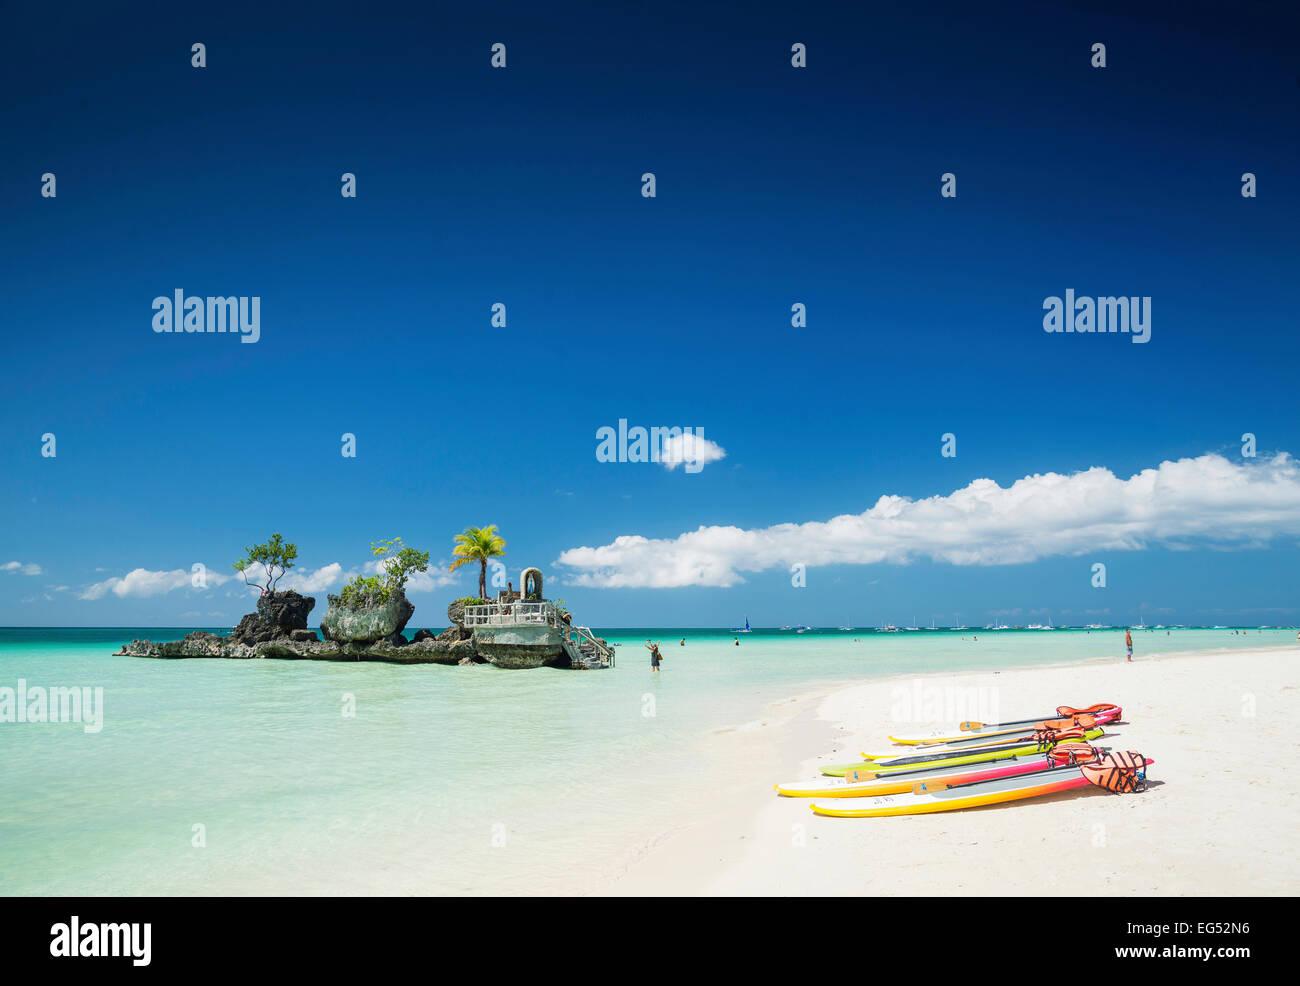 Spiaggia Bianca e santuario cristiano e barche a remi di boracay isola tropicale in Asia Foto Stock